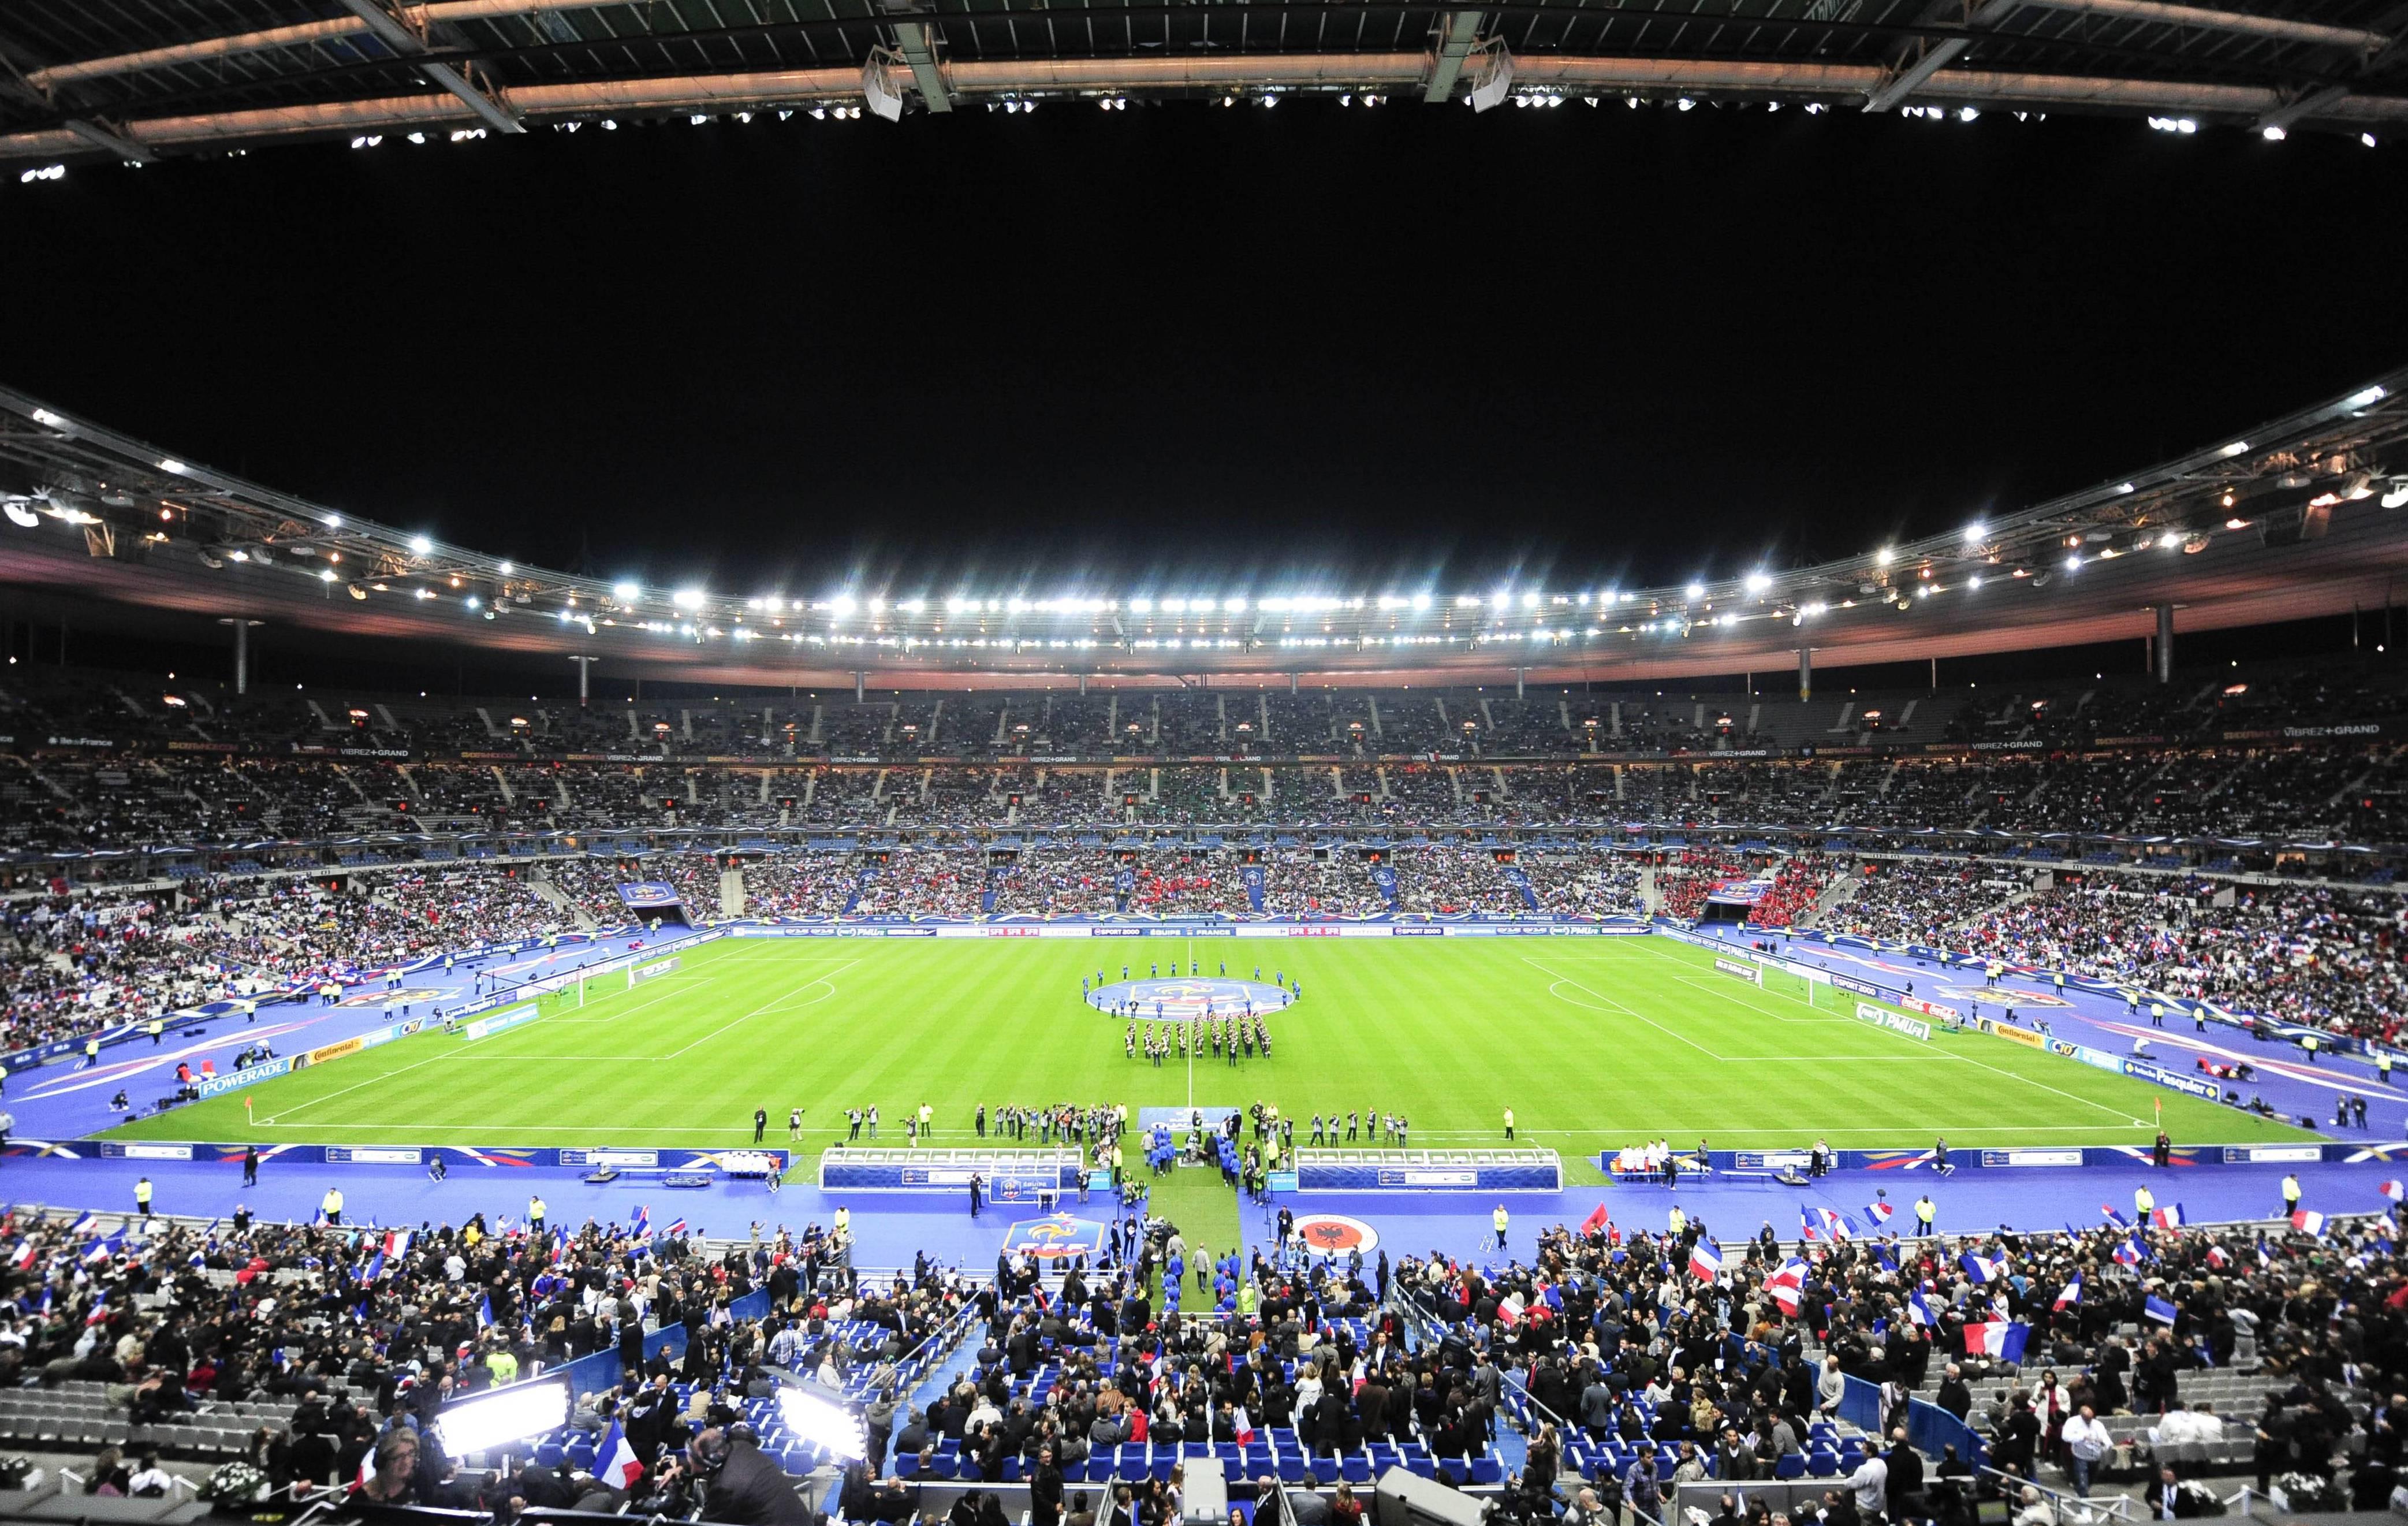 Regarder le match amical France Russie en direct sur TF1 ce 29 mars